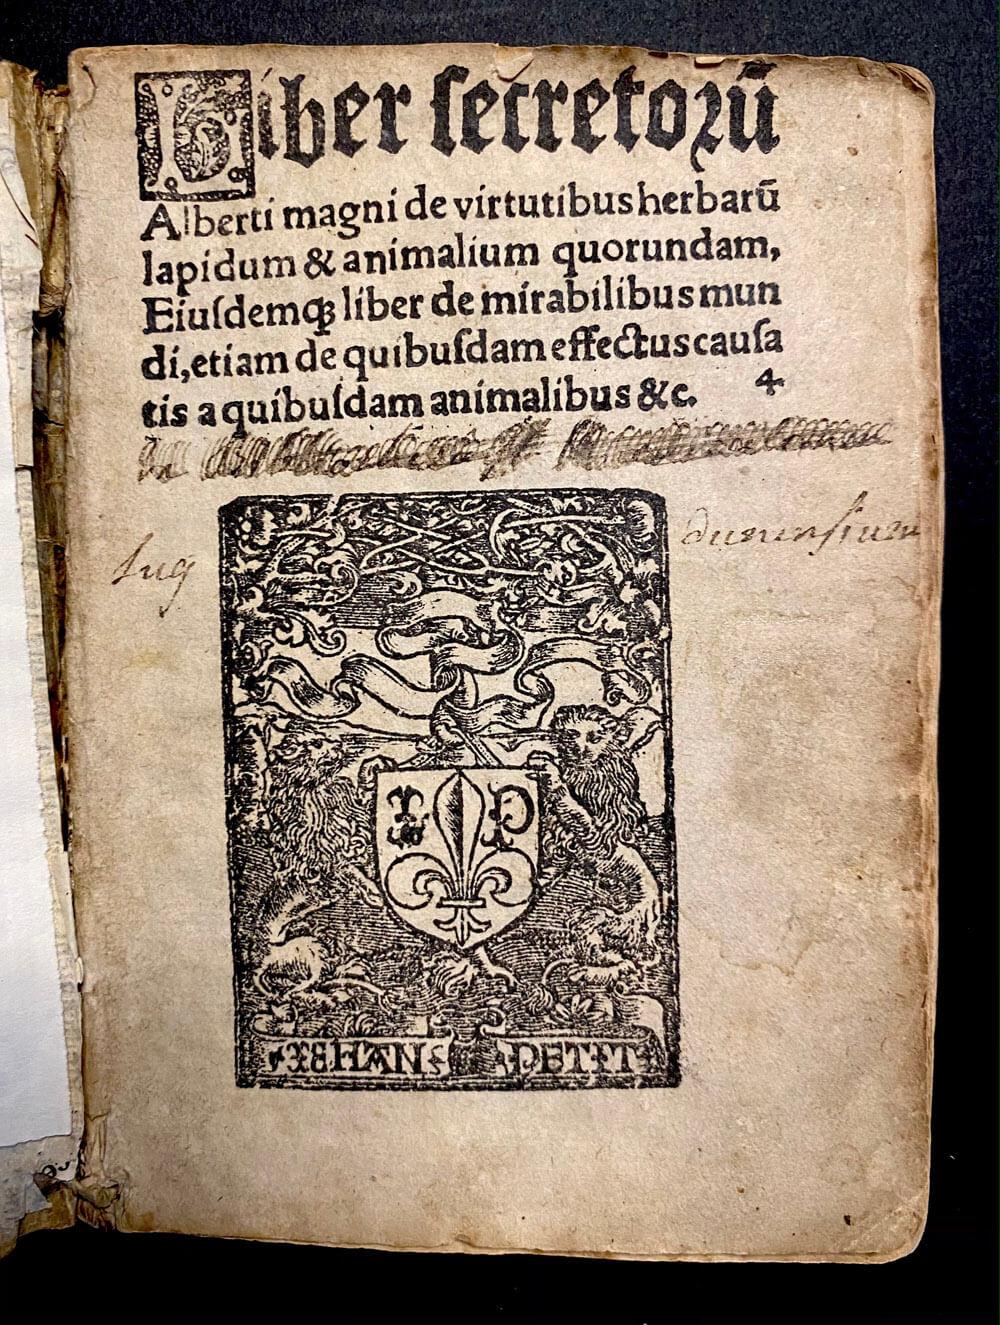 Title page Liber secretorum. Alberti Magni, 1510